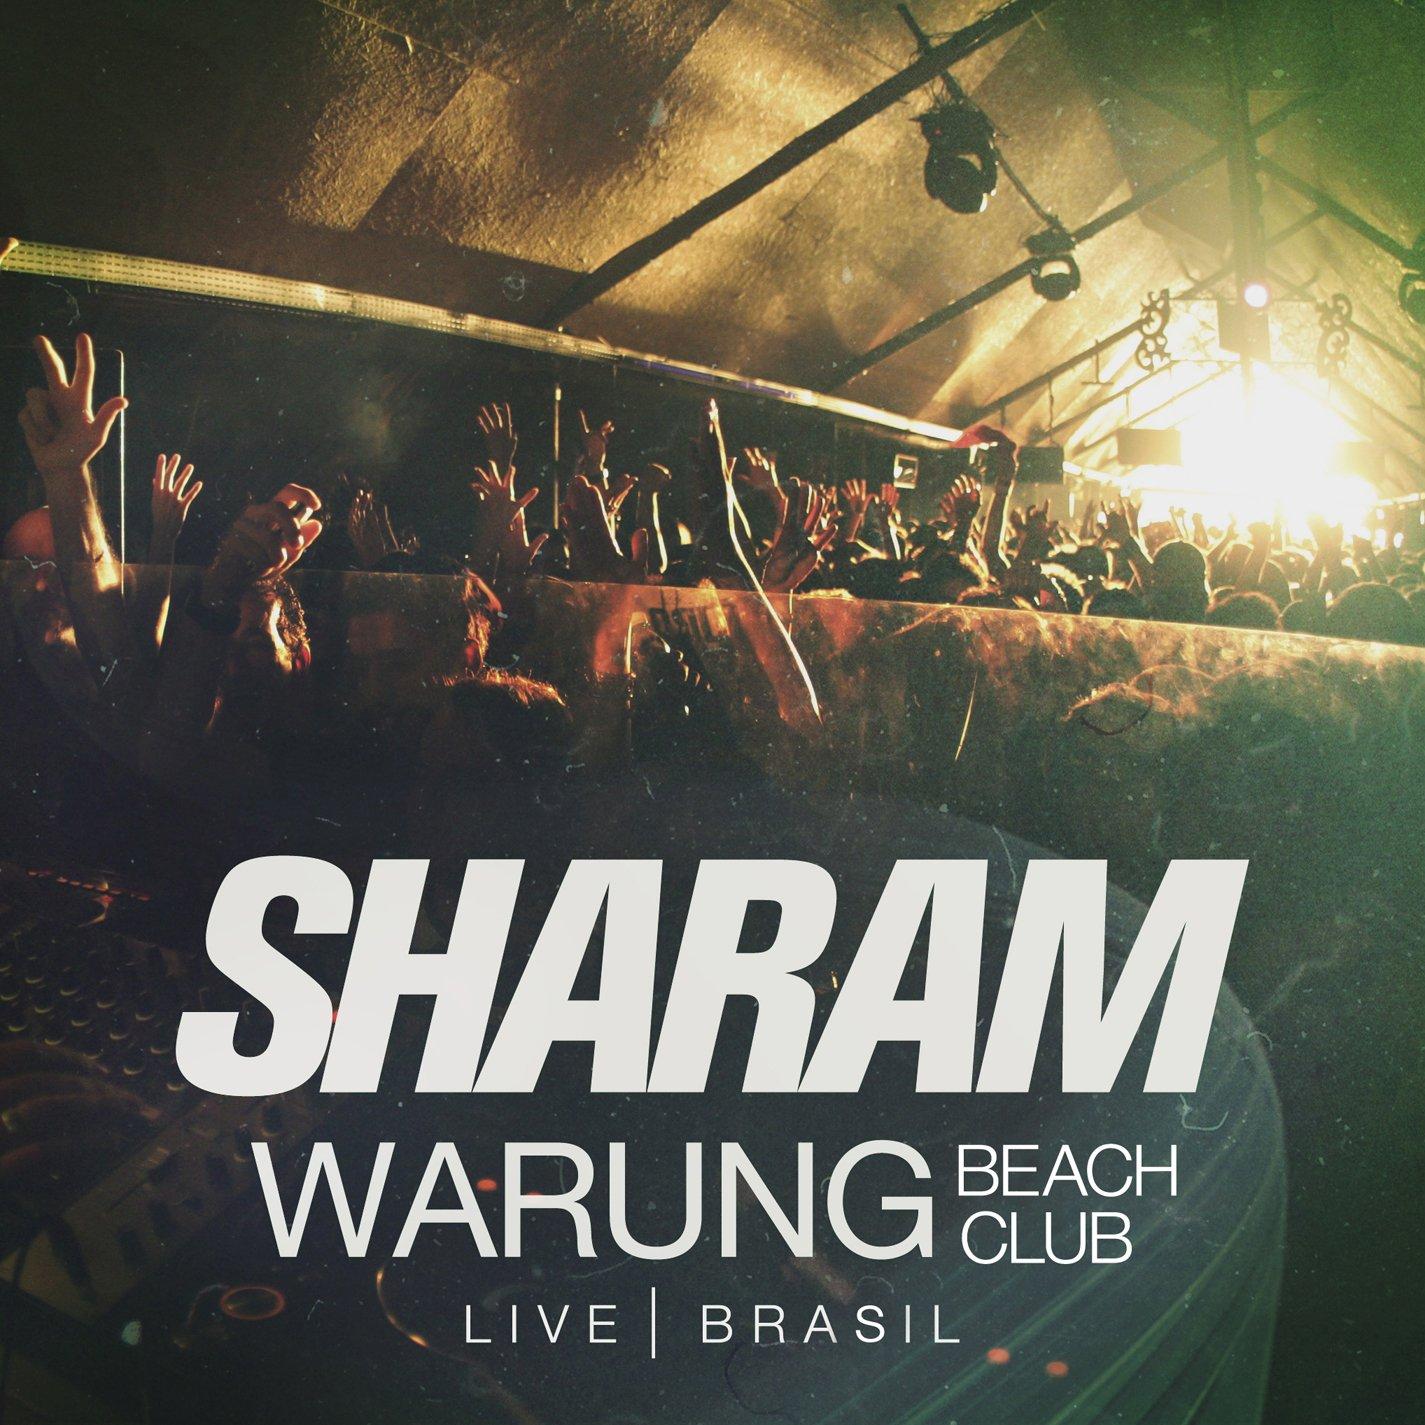 Live at Warung Beach Club Brasil